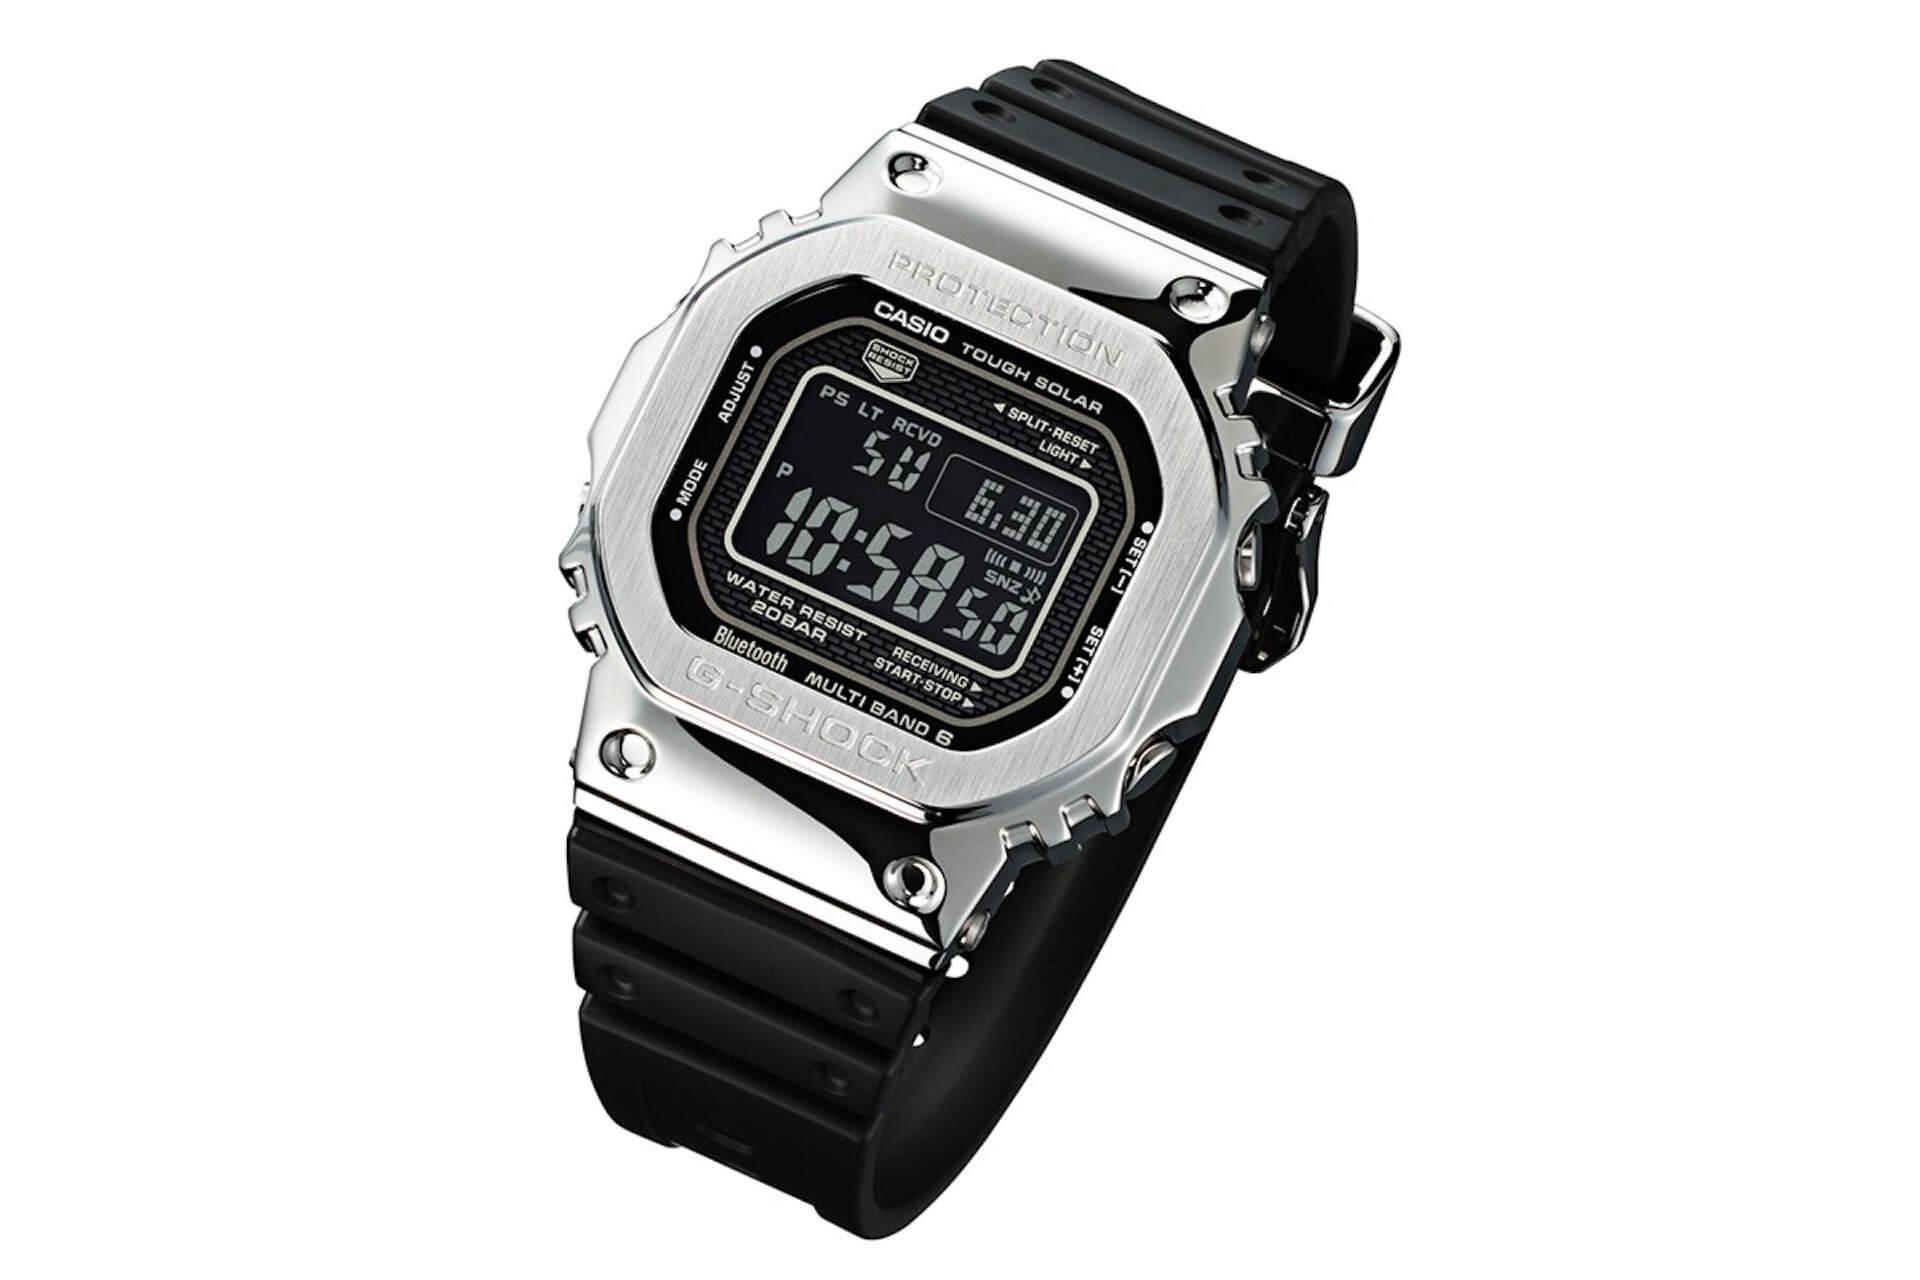 時計ライターがおすすめする、10万円以下で購入できる大人のカジュアルウォッチ8選 tech200612_jeep_watch_5